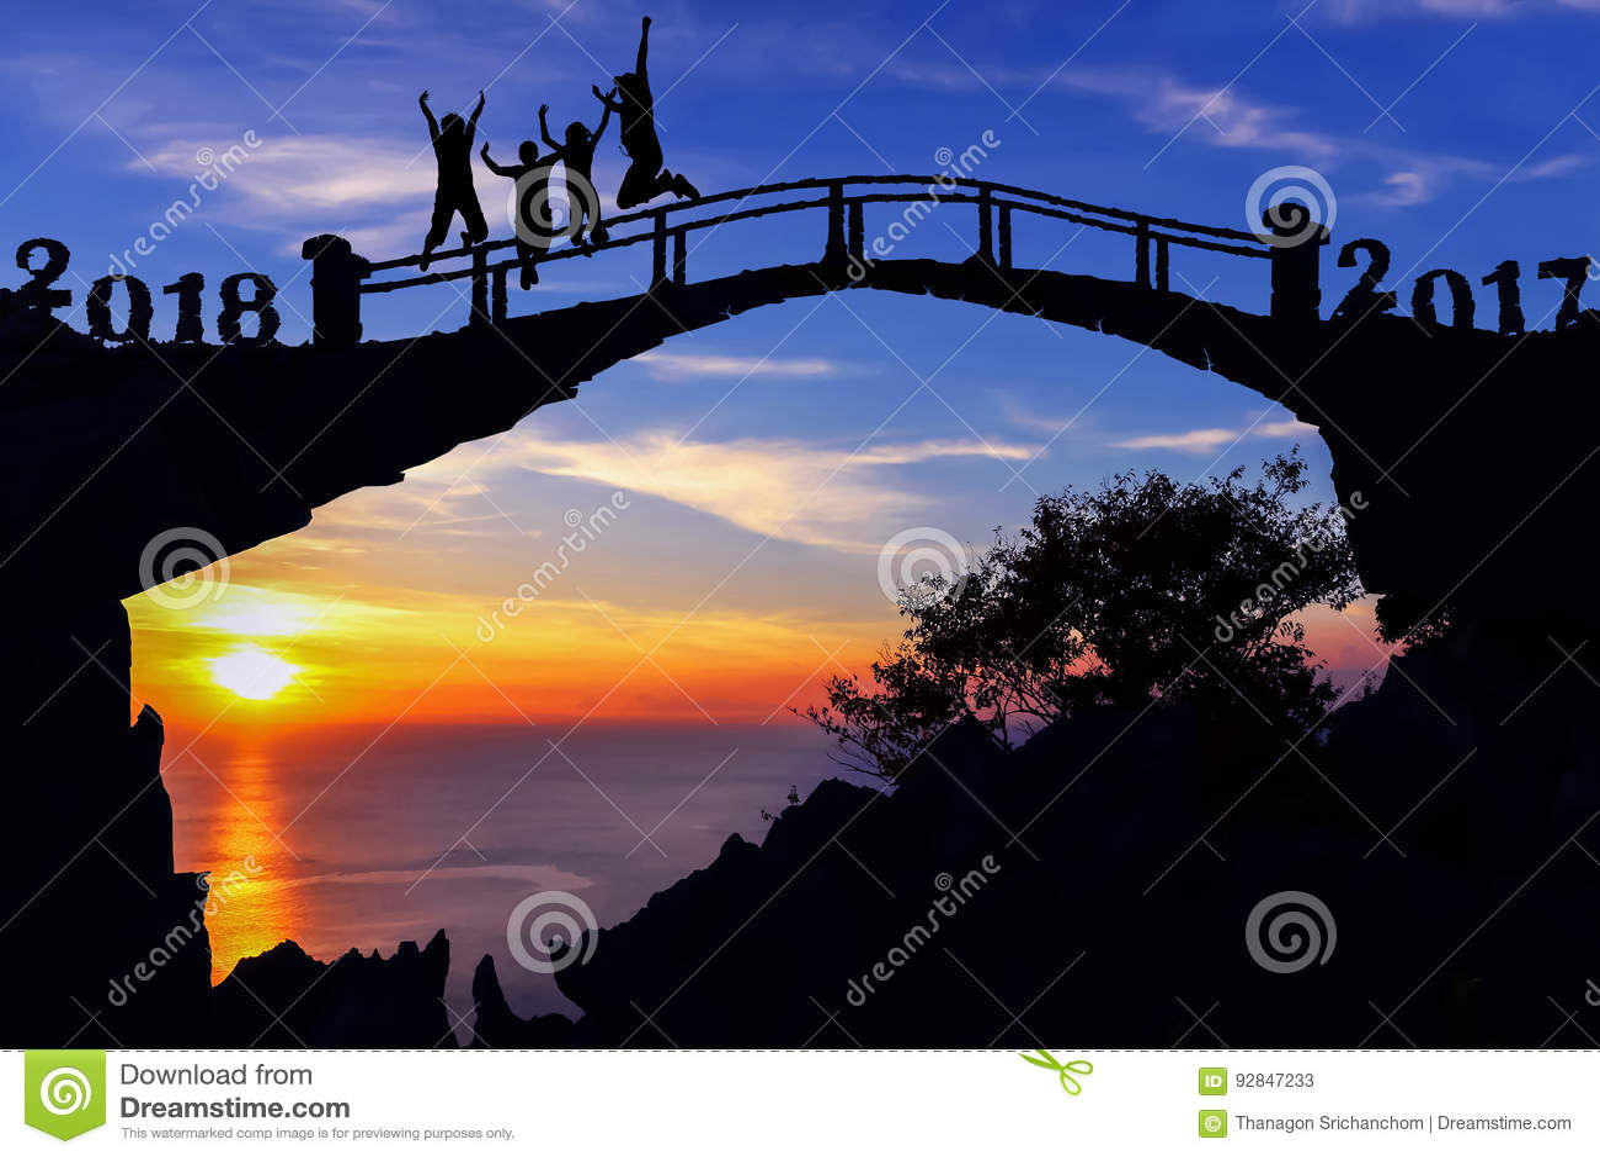 Νέα έννοια έτους 2018 Οικογένεια σκιαγραφιών που πηδά στη γέφυρα